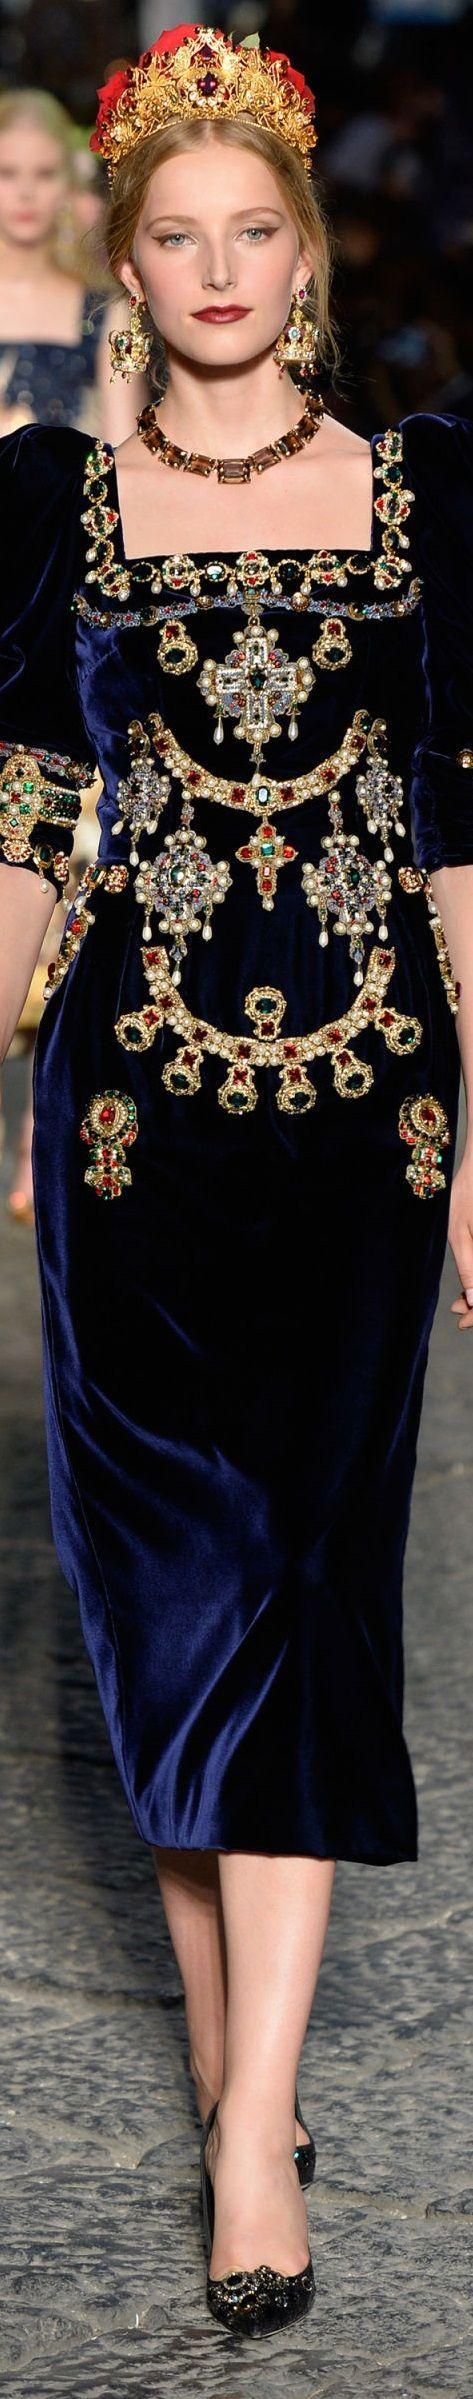 Dolce & Gabbana Alta Moda Fashion show details